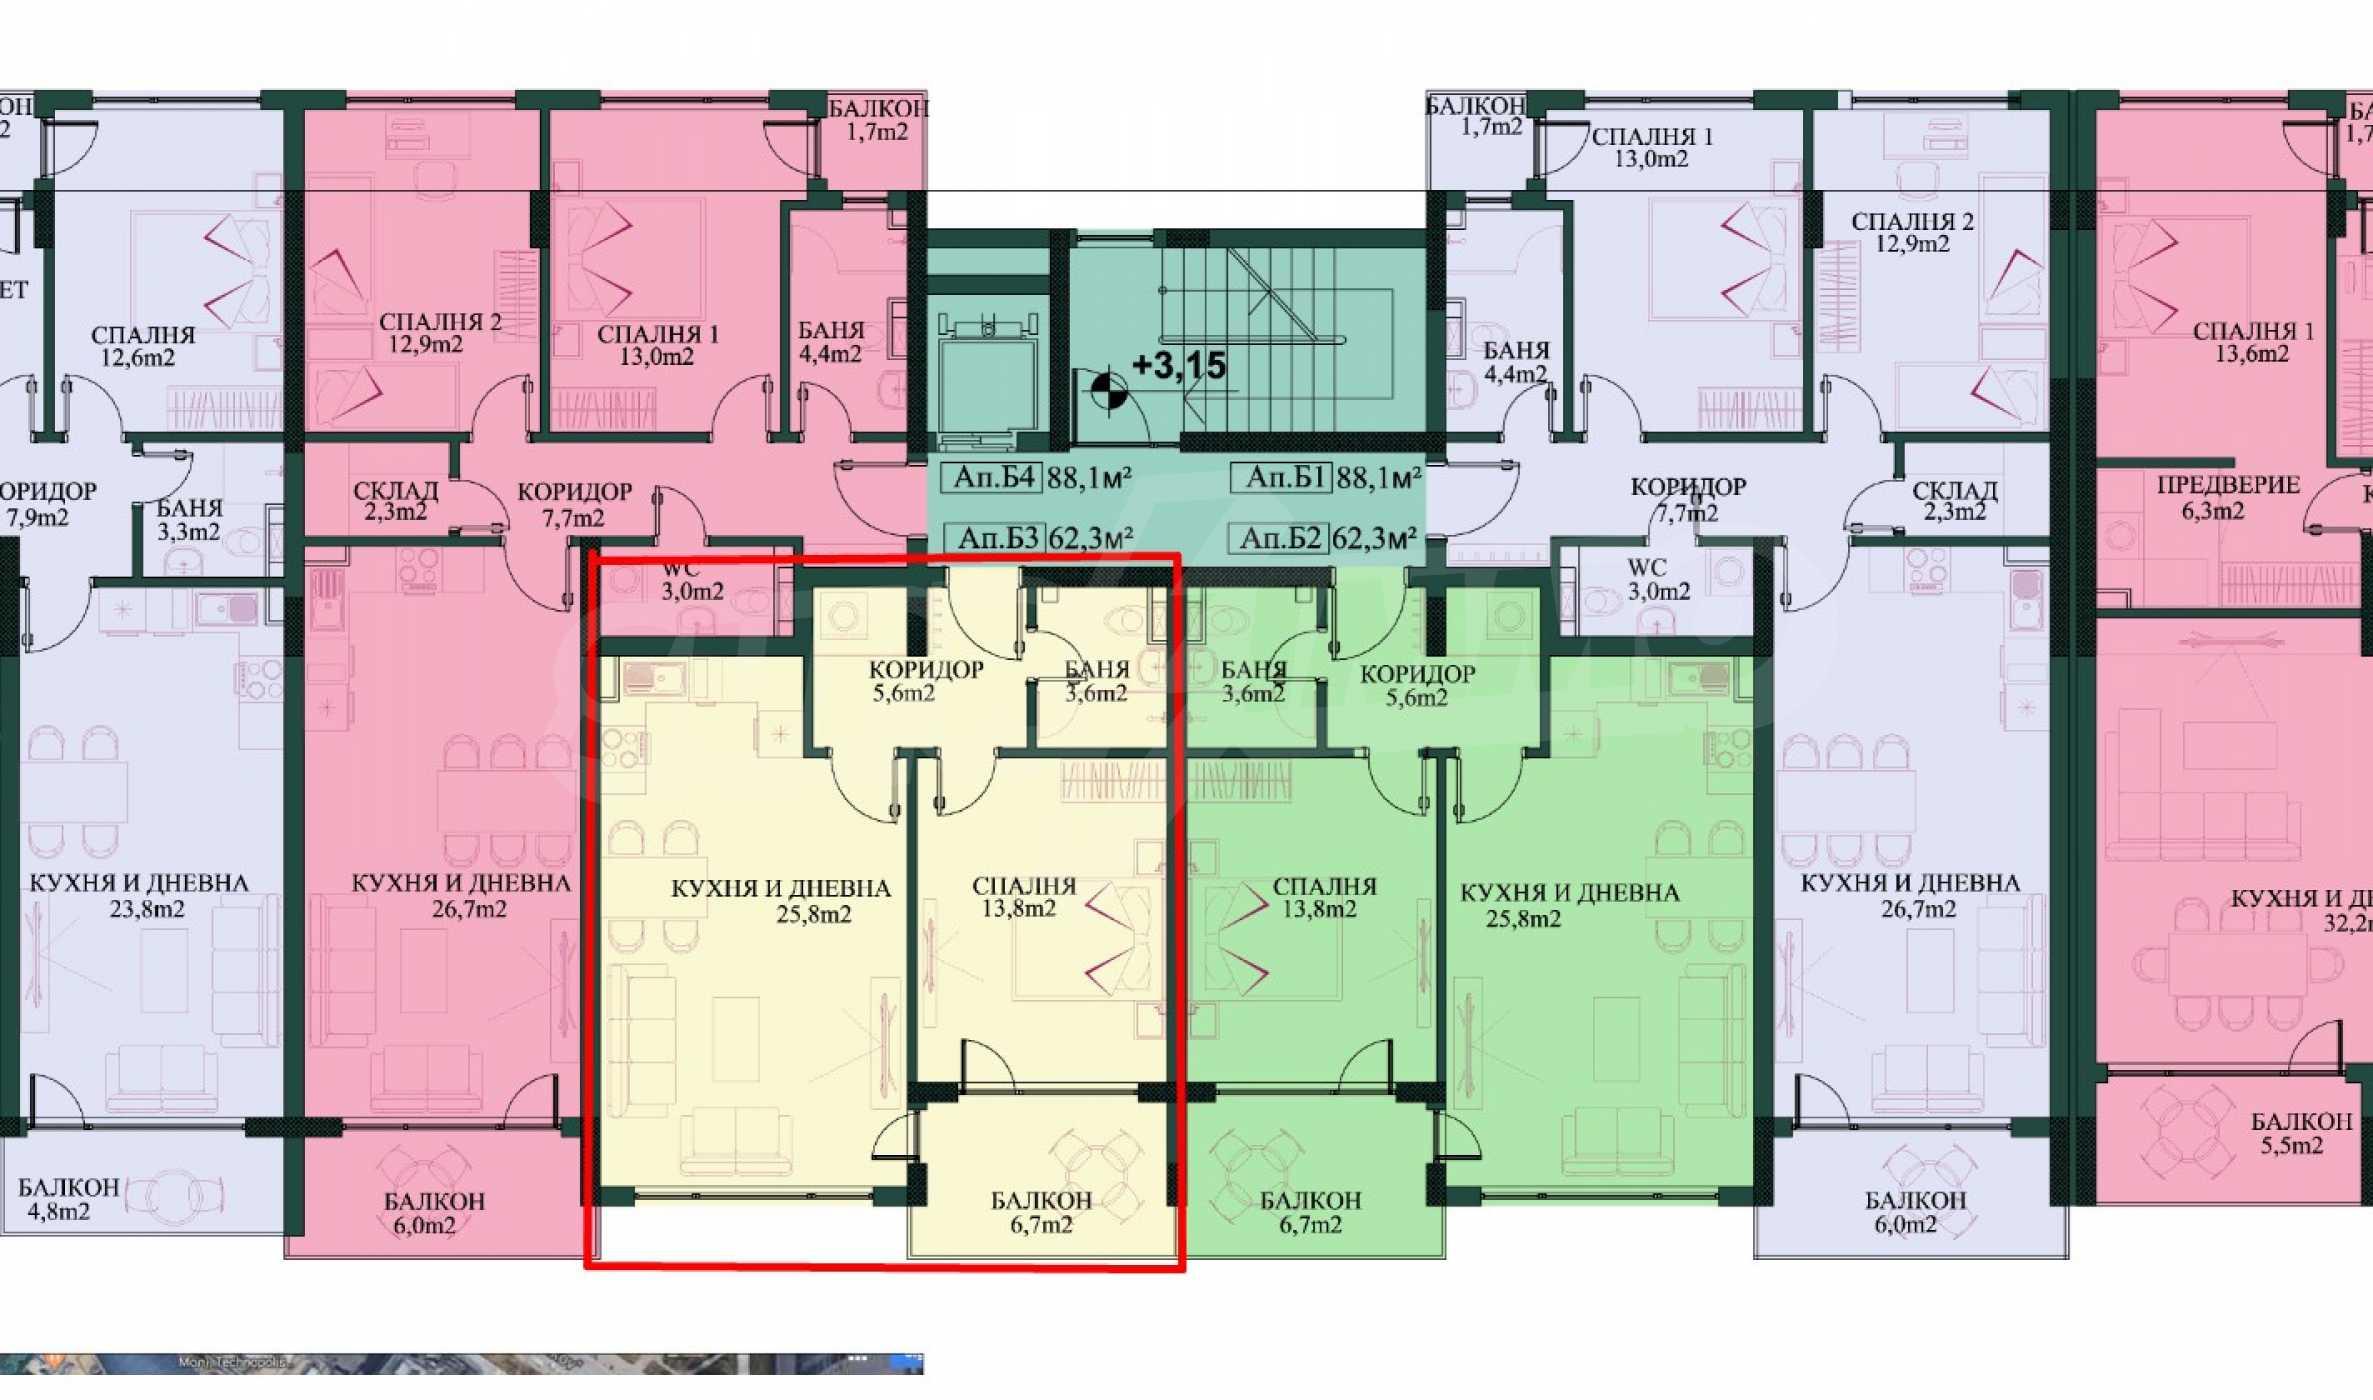 Двустаен апартамент в нова сграда на тиха улица до бул. България 2